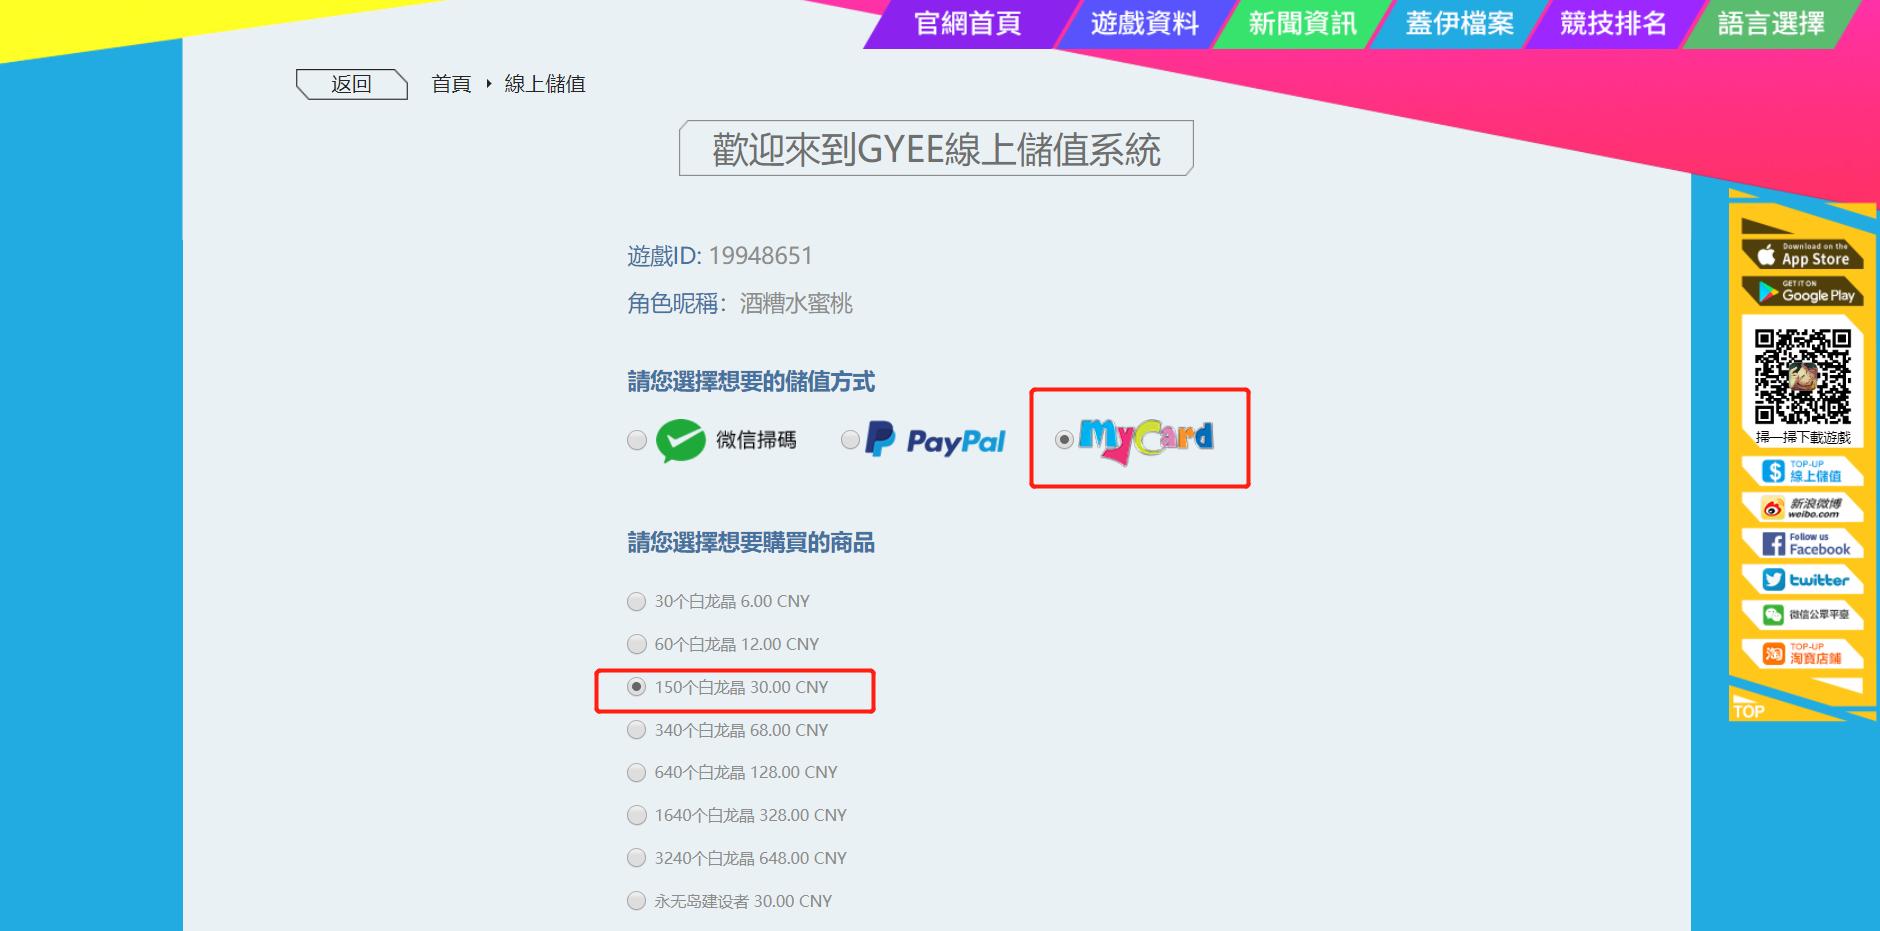 Mycard儲值活動詳細流程指南-使用mycard付费1.png